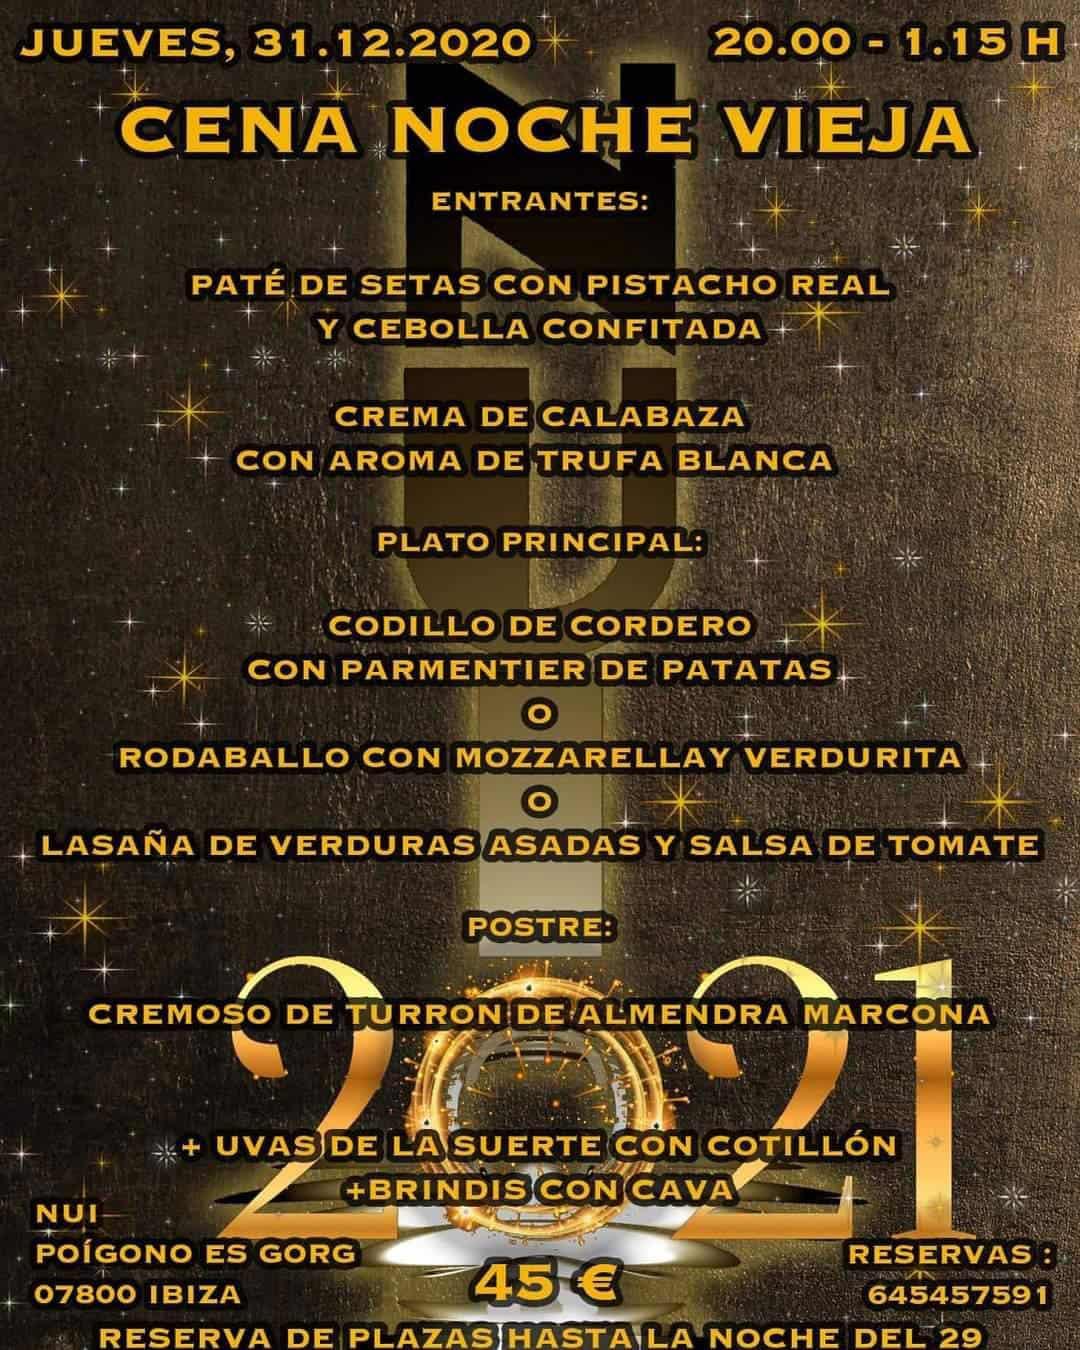 restaurante-nui-ibiza-menu-nochevieja-ibiza-2020-welcometoibiza